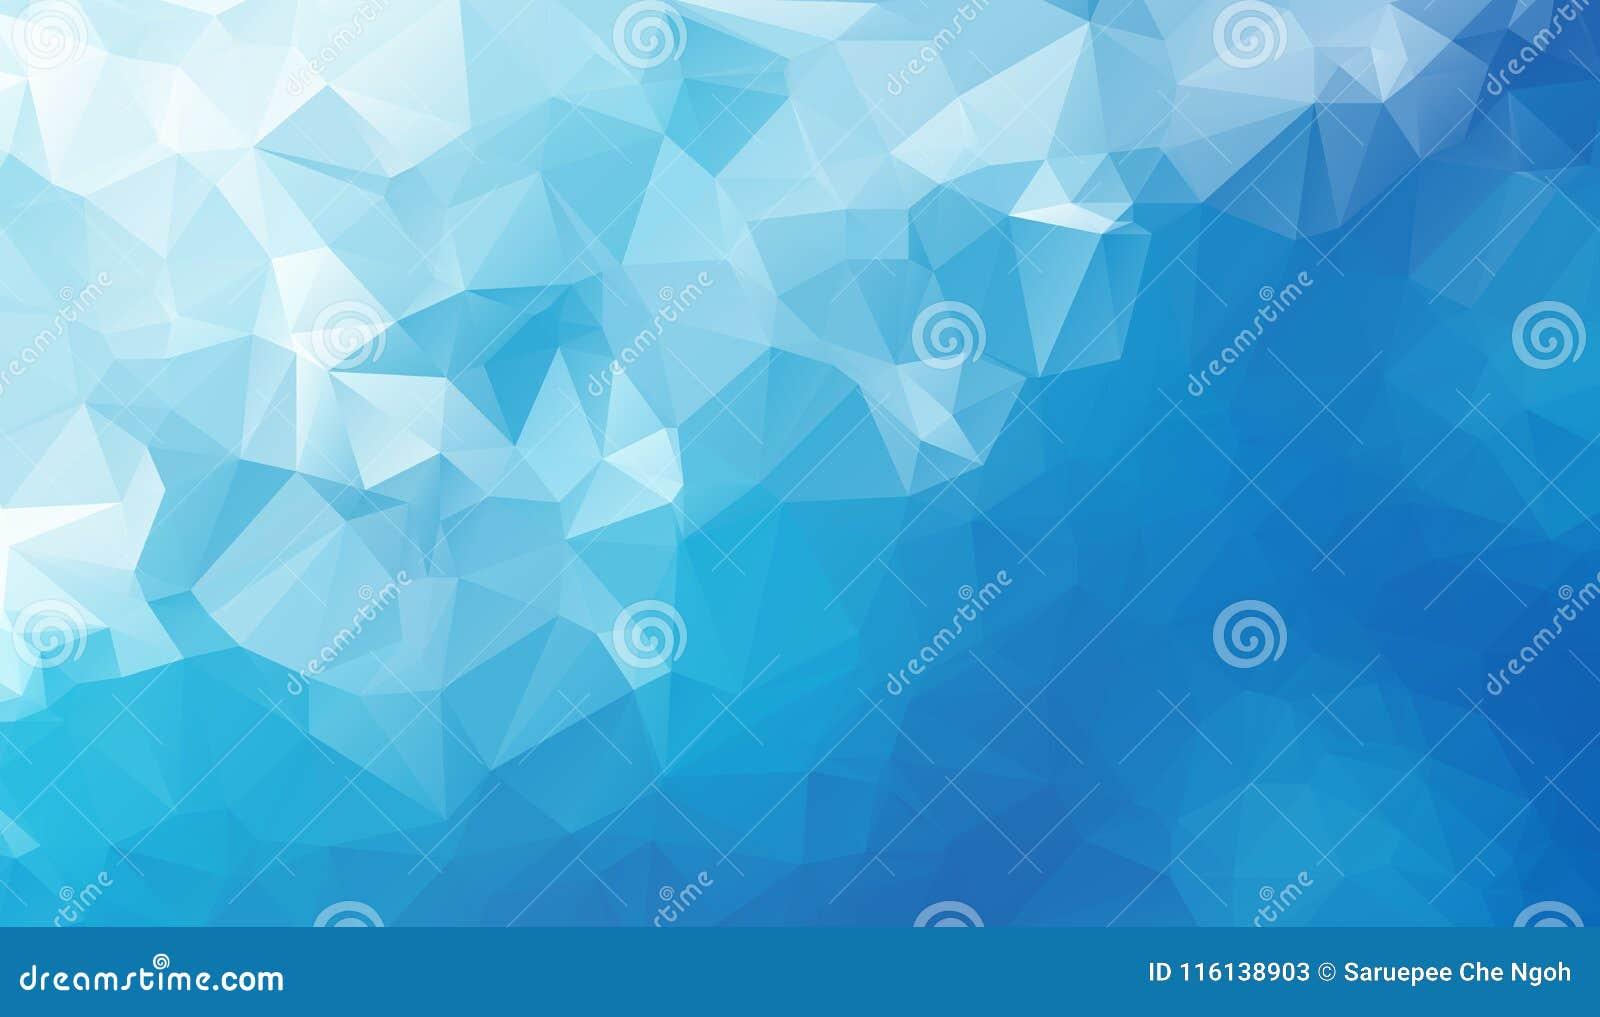 Fondo geométrico abstracto con los polígonos Composición de los gráficos de la información con formas geométricas Diseño retro de